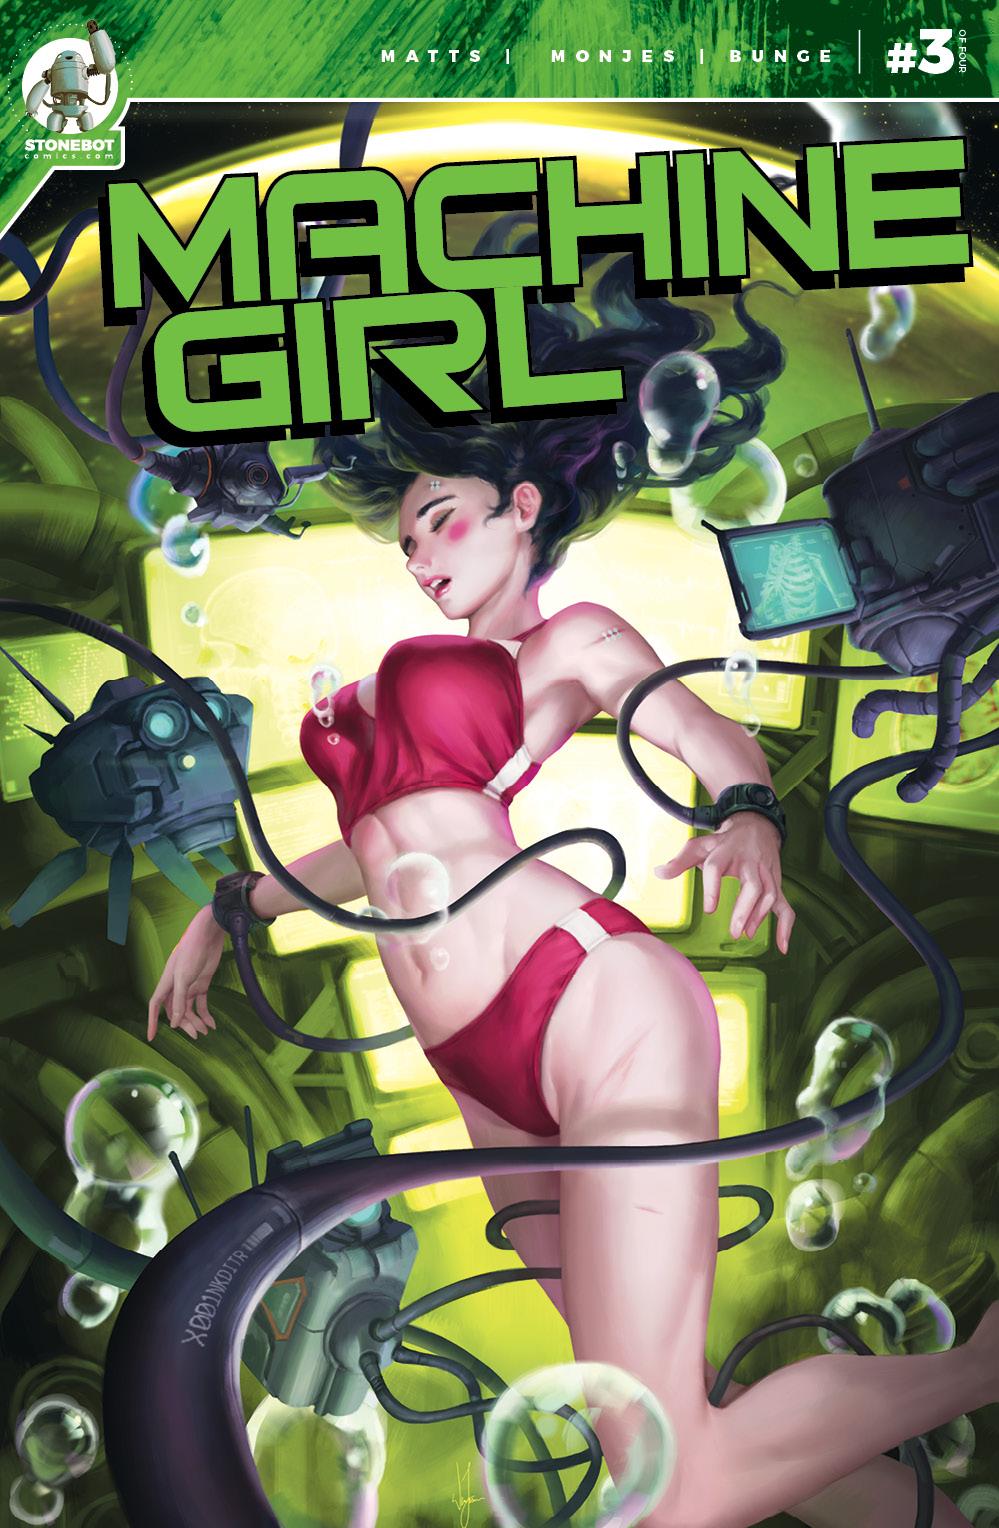 MACHINE GIRL Chapter #3